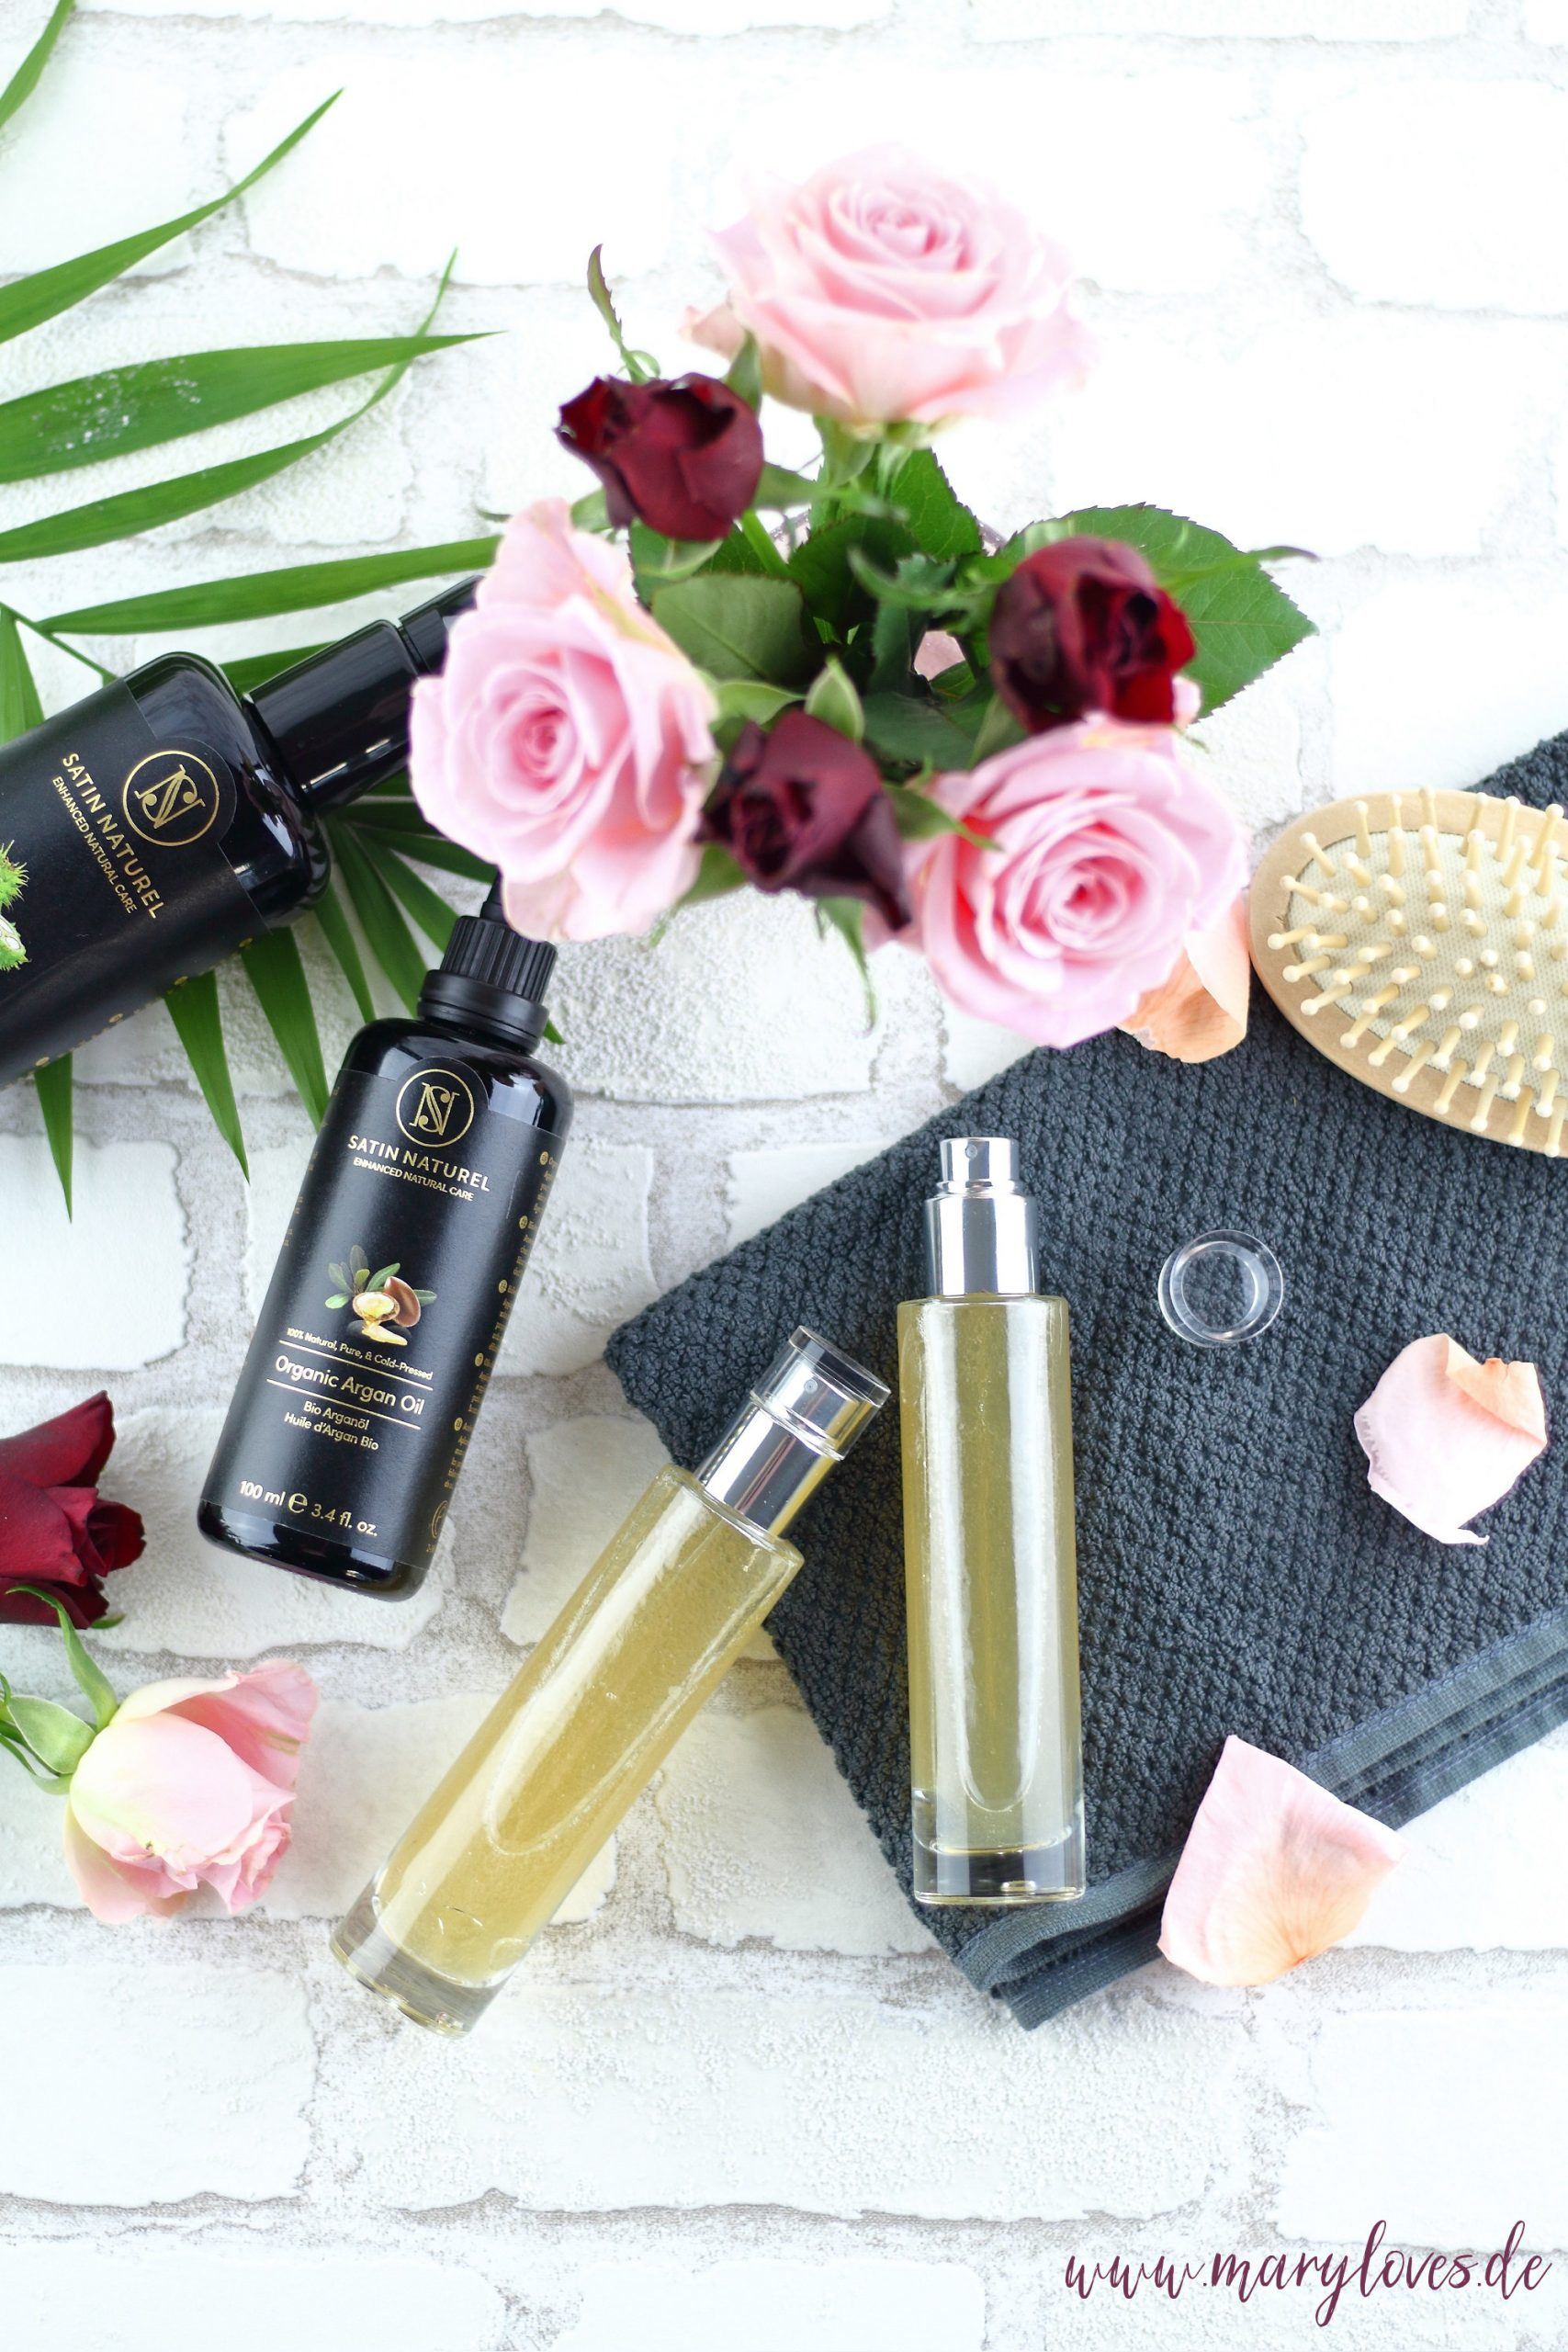 Natürliche Haarpflege mit selbstgemachten Haarwasser aus Leinsamen, grünem Tee und den Bio-Ölen von Satin Naturel